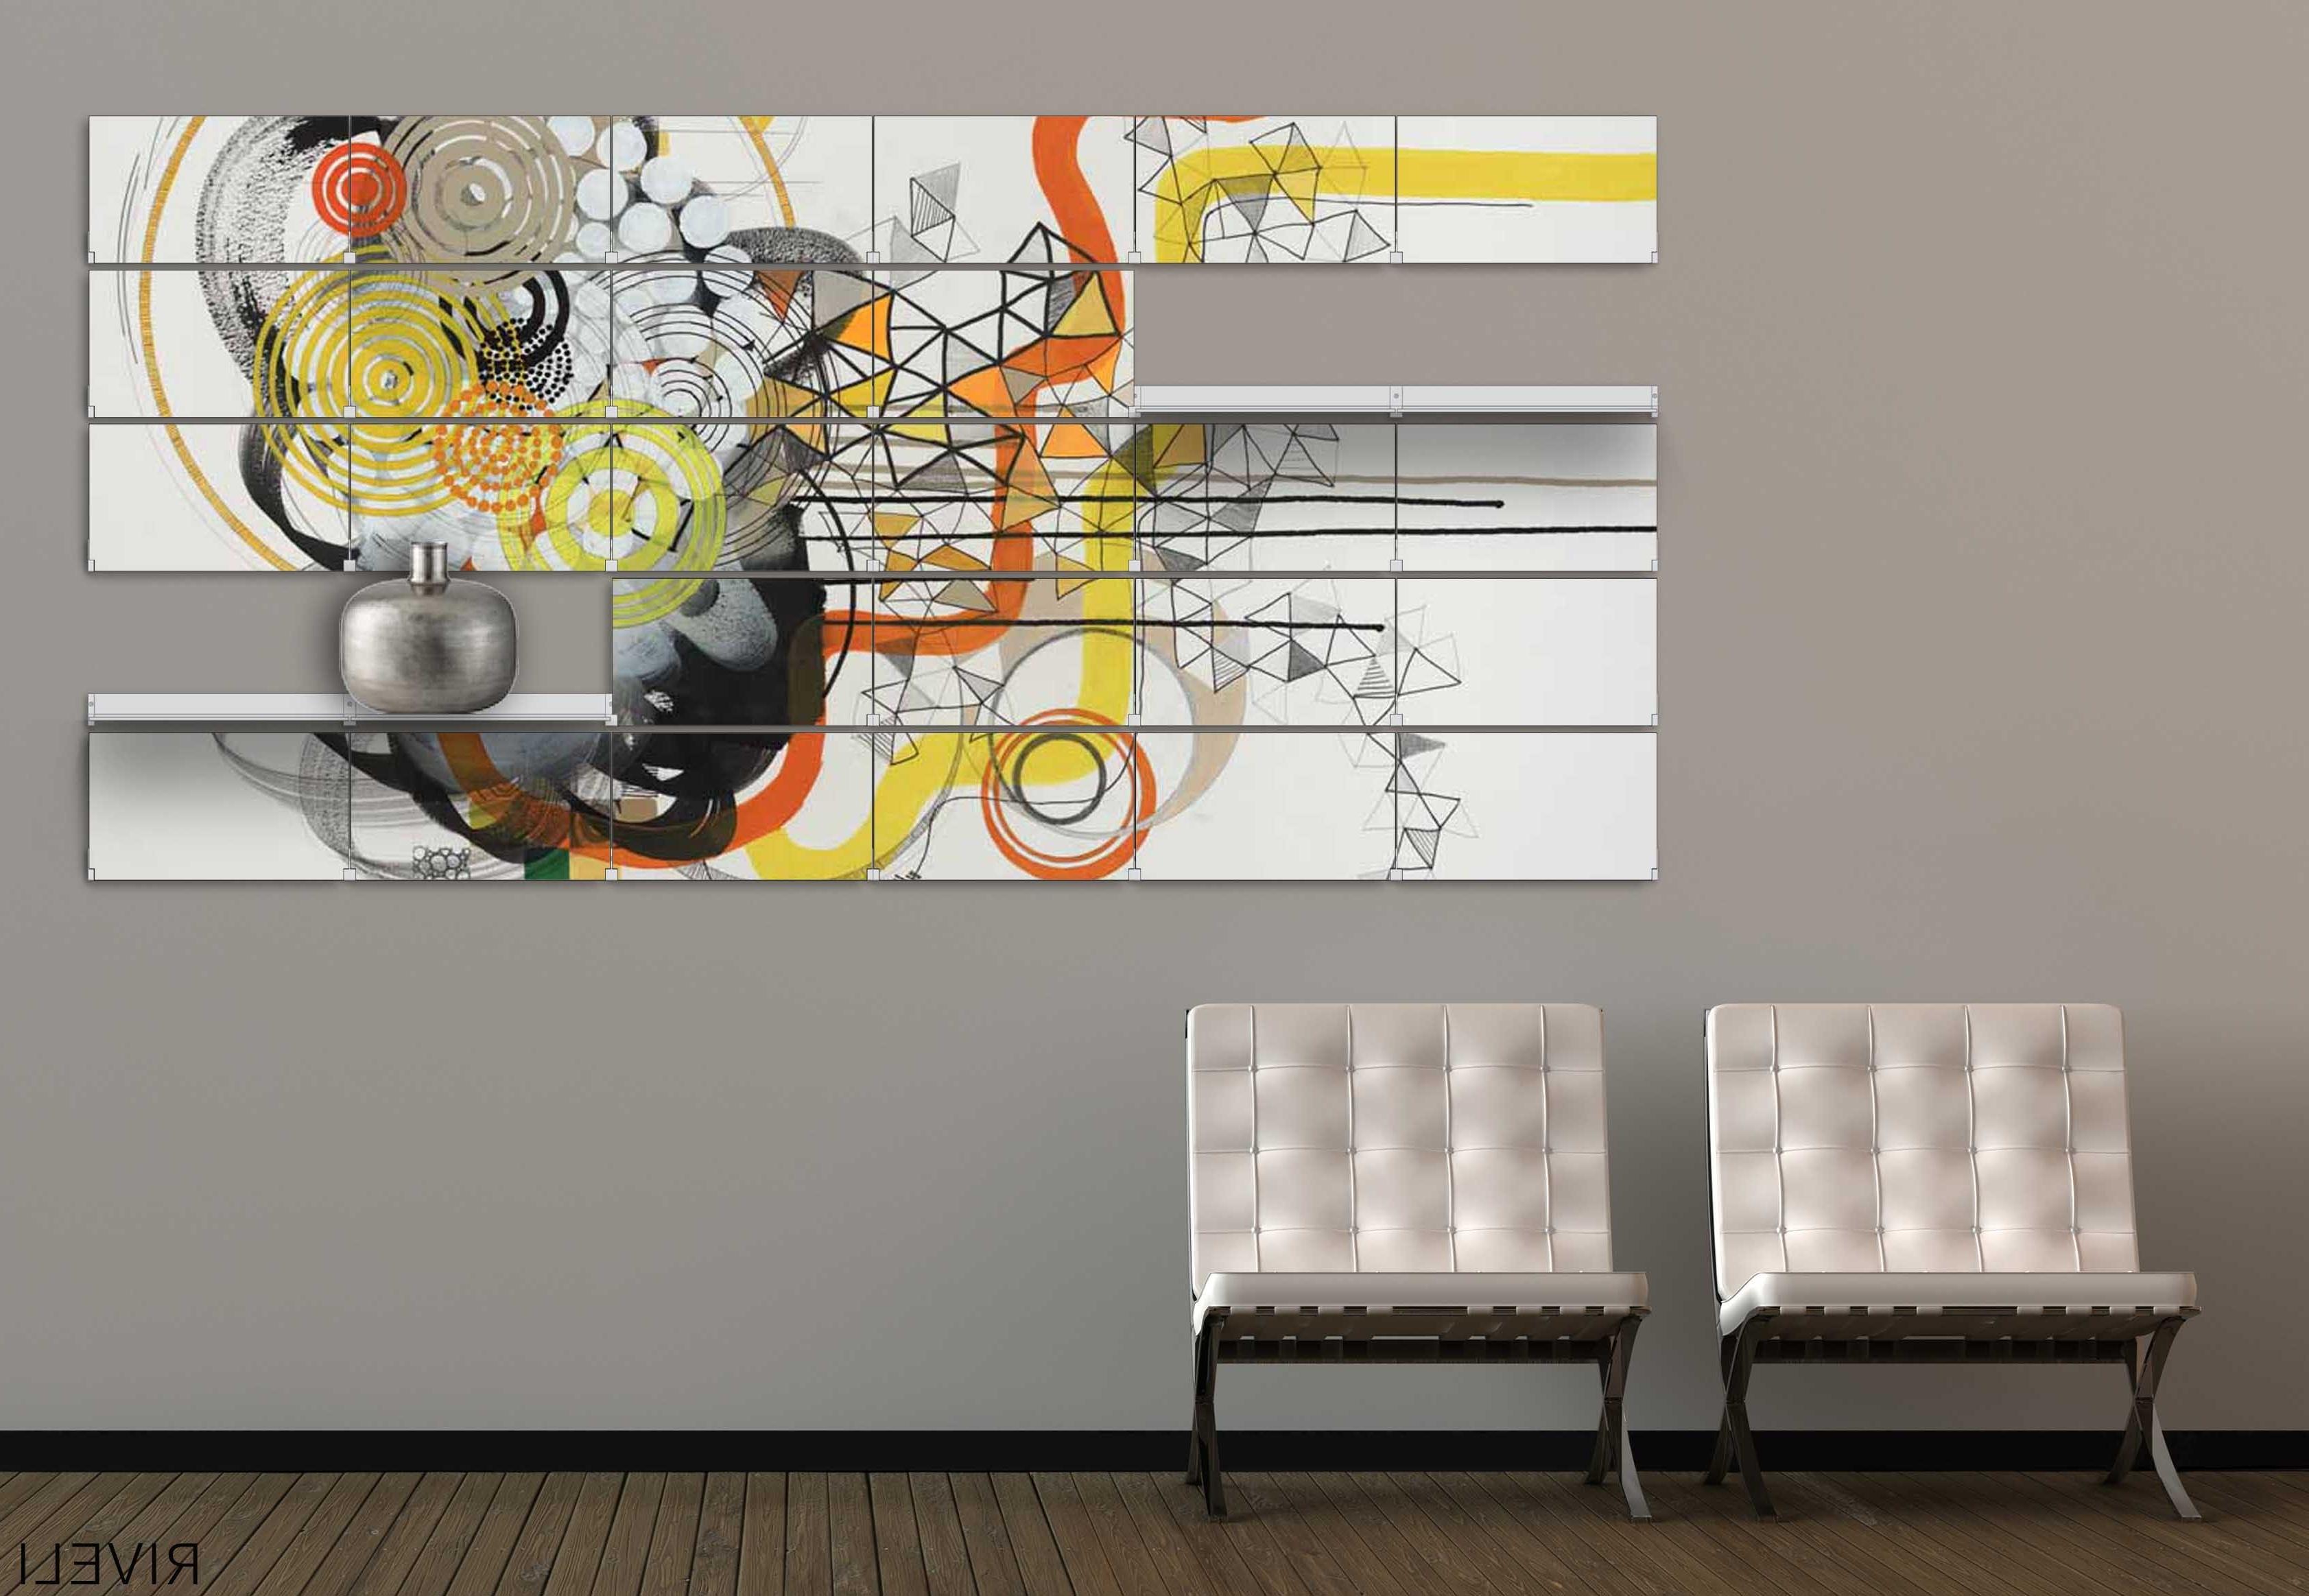 Unique Office Wall Decor